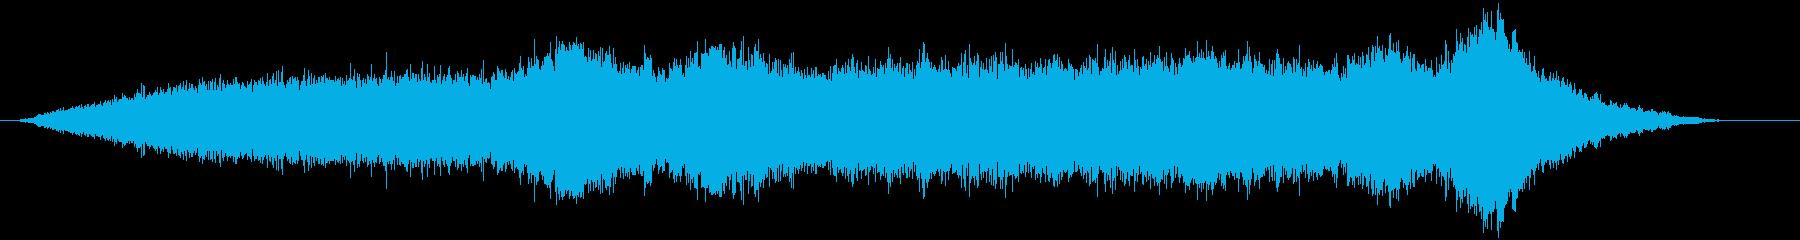 【サウンドスケイプ】インダストリアルな音の再生済みの波形